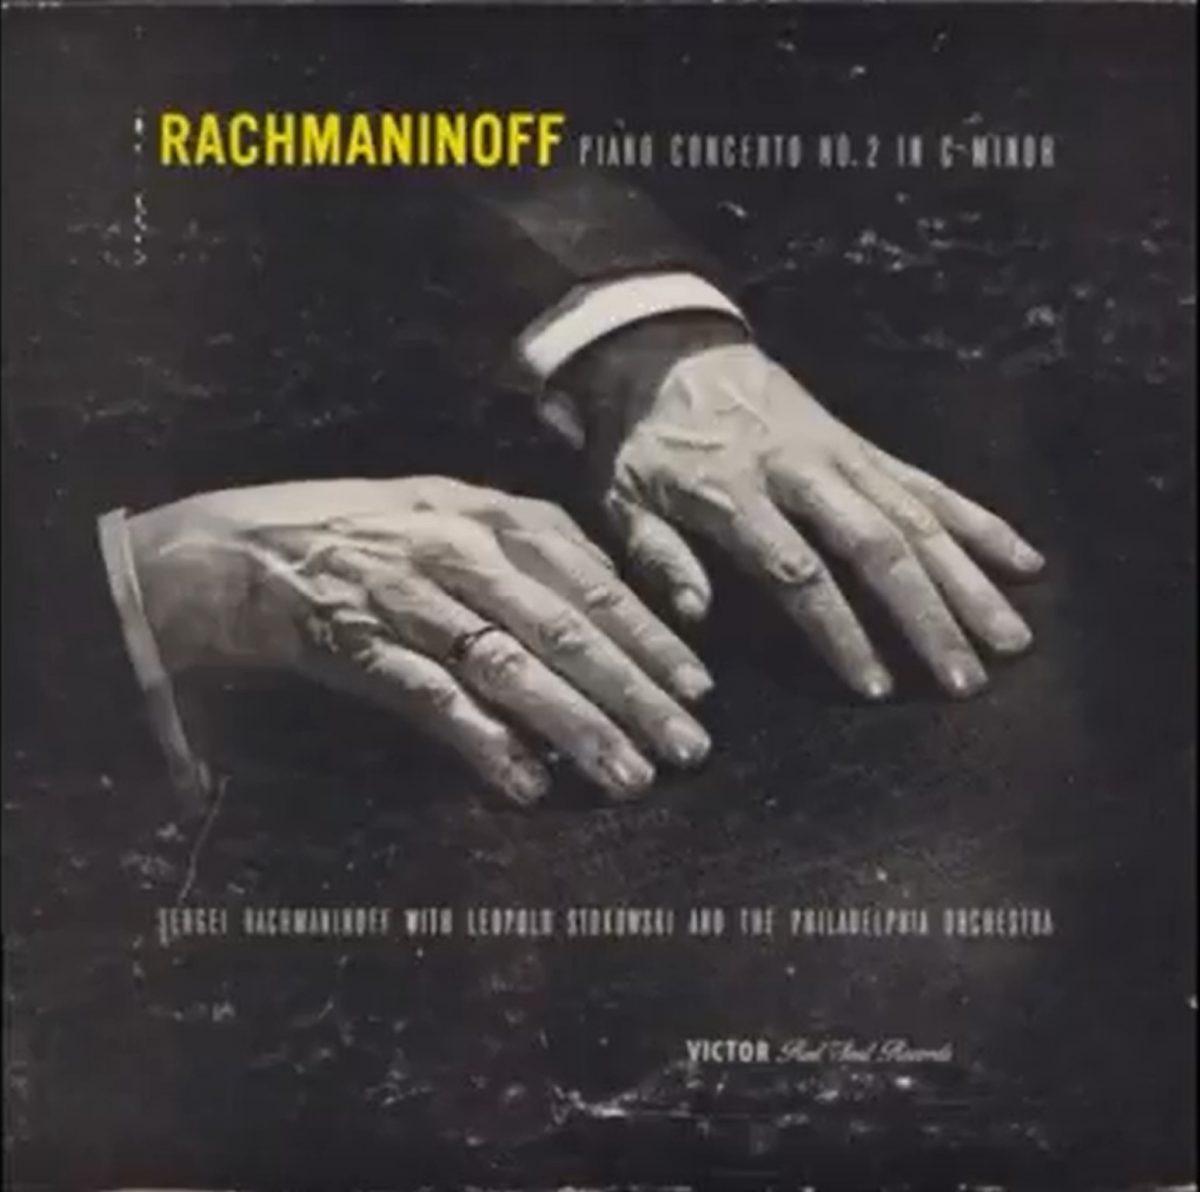 راخمانینف پیانو کنسرتو ۲